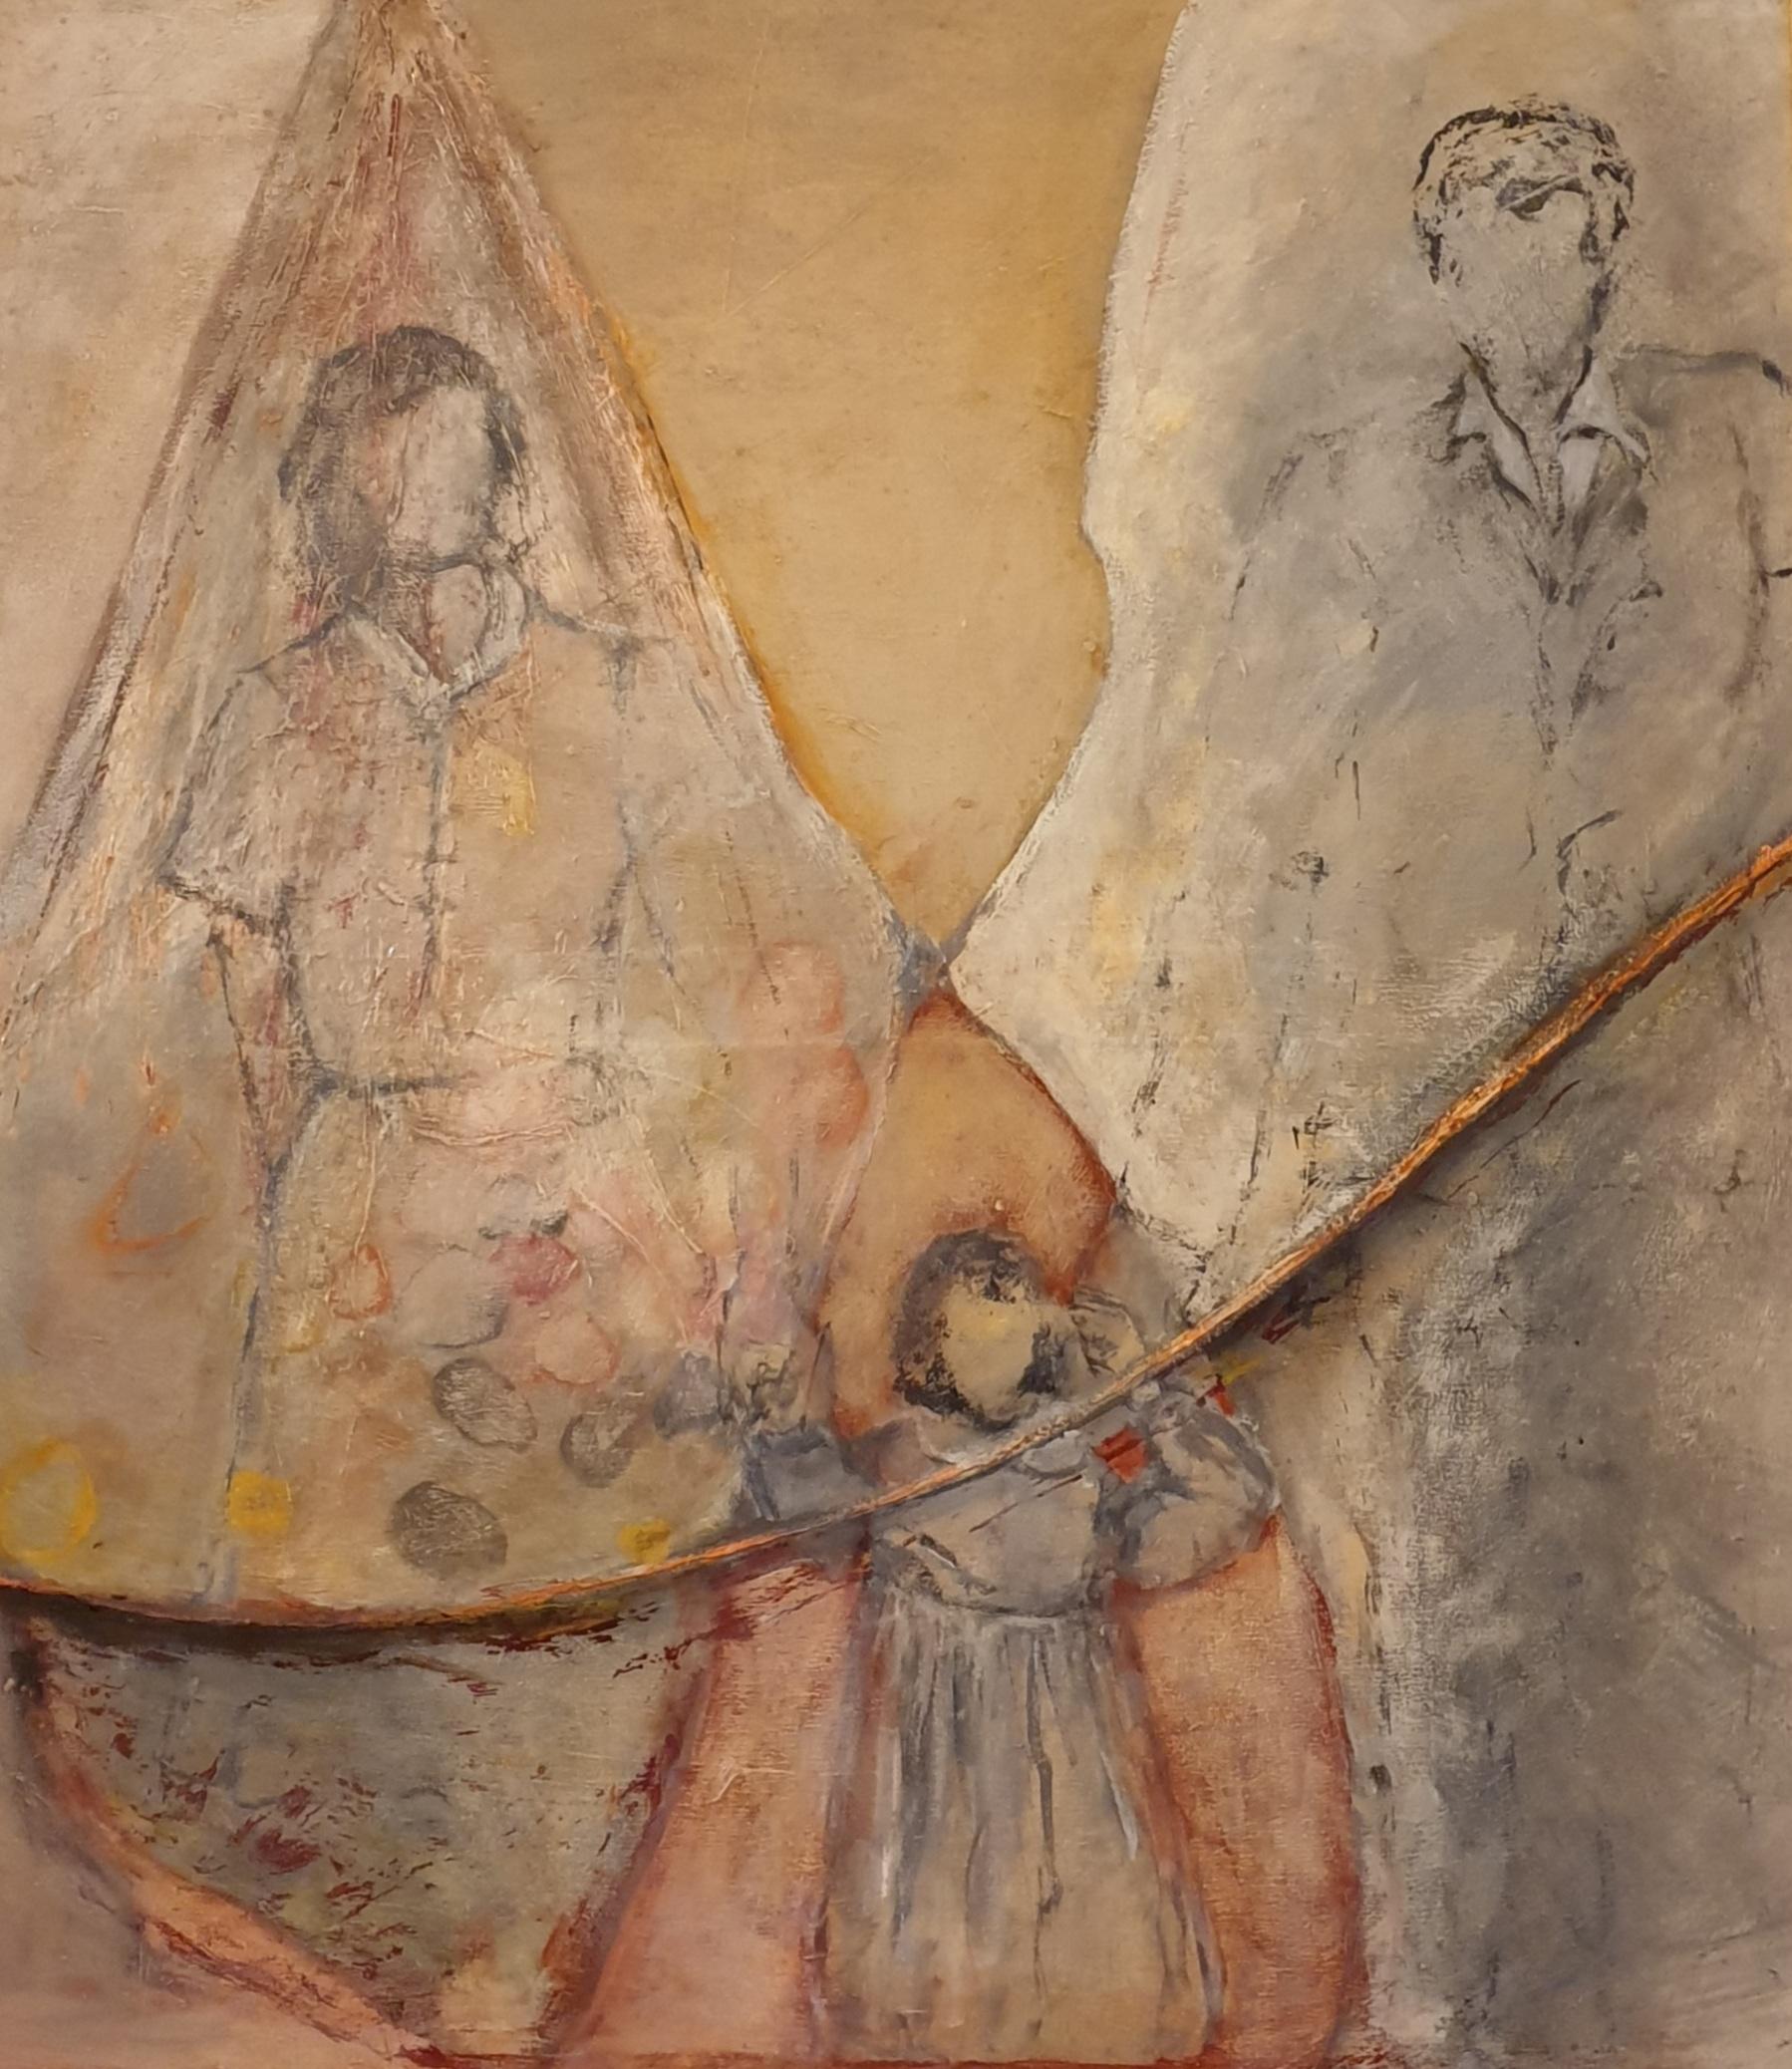 יד ביד, 1991-2021, אקריליק על בד, 100X90 סמ